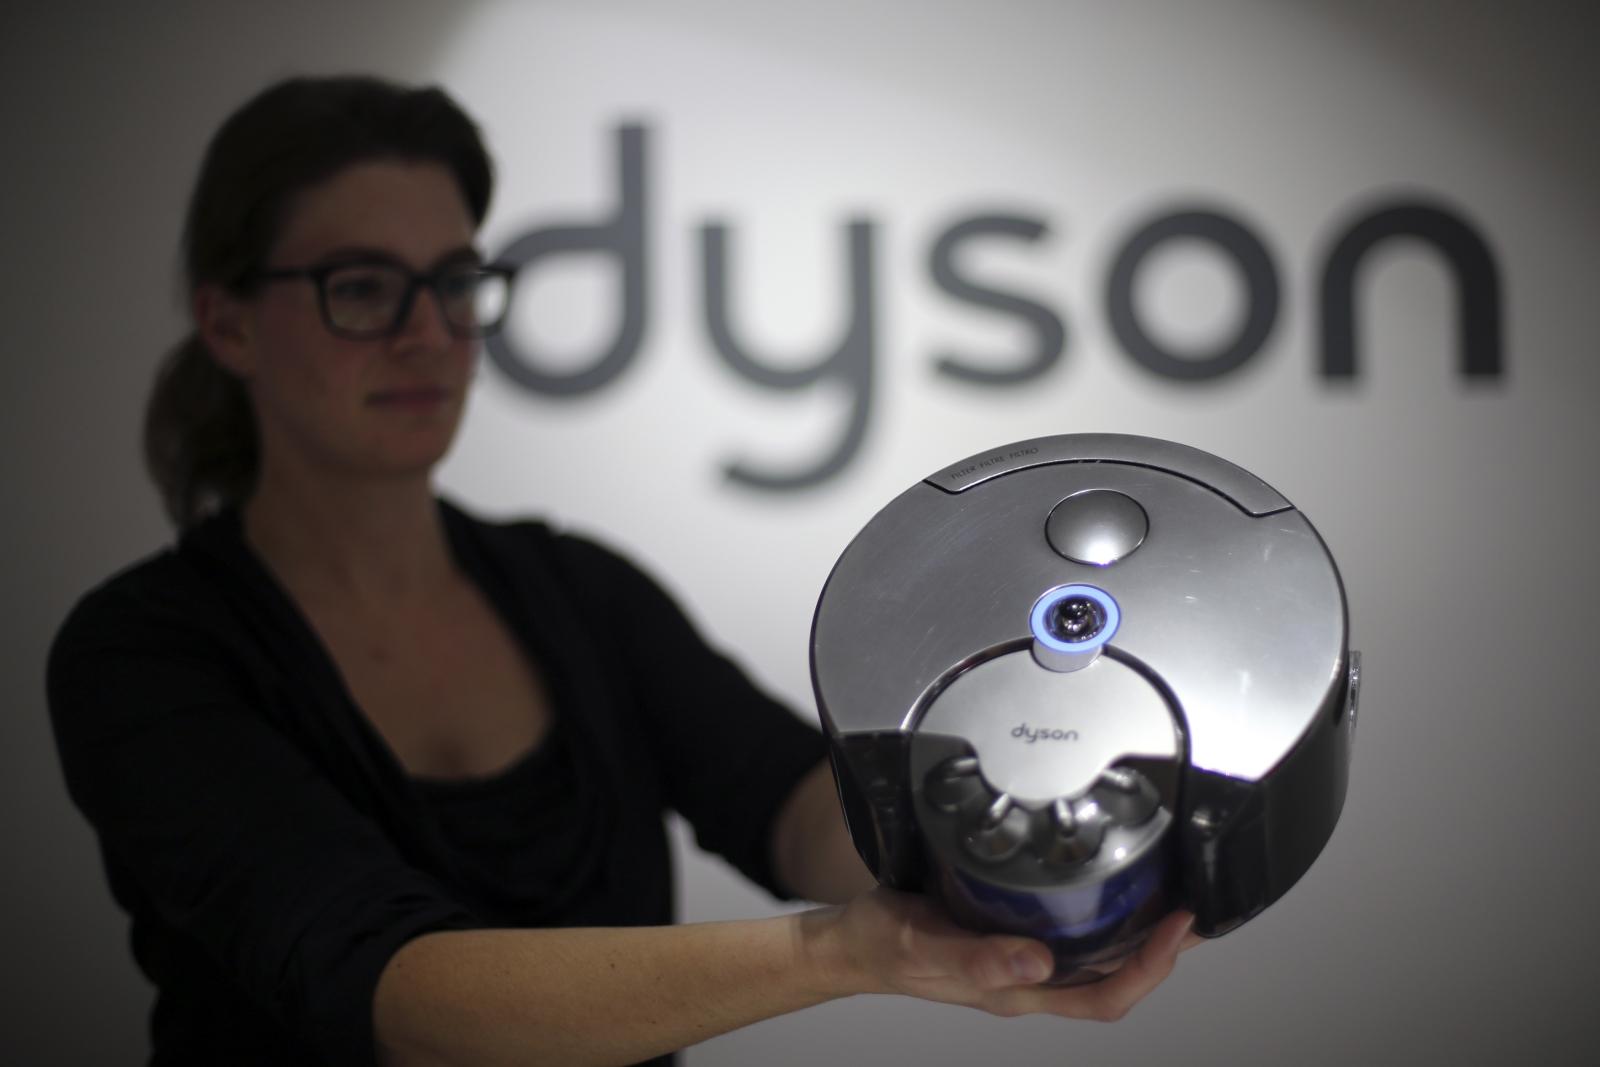 Dyson robotic vacuum cleaner